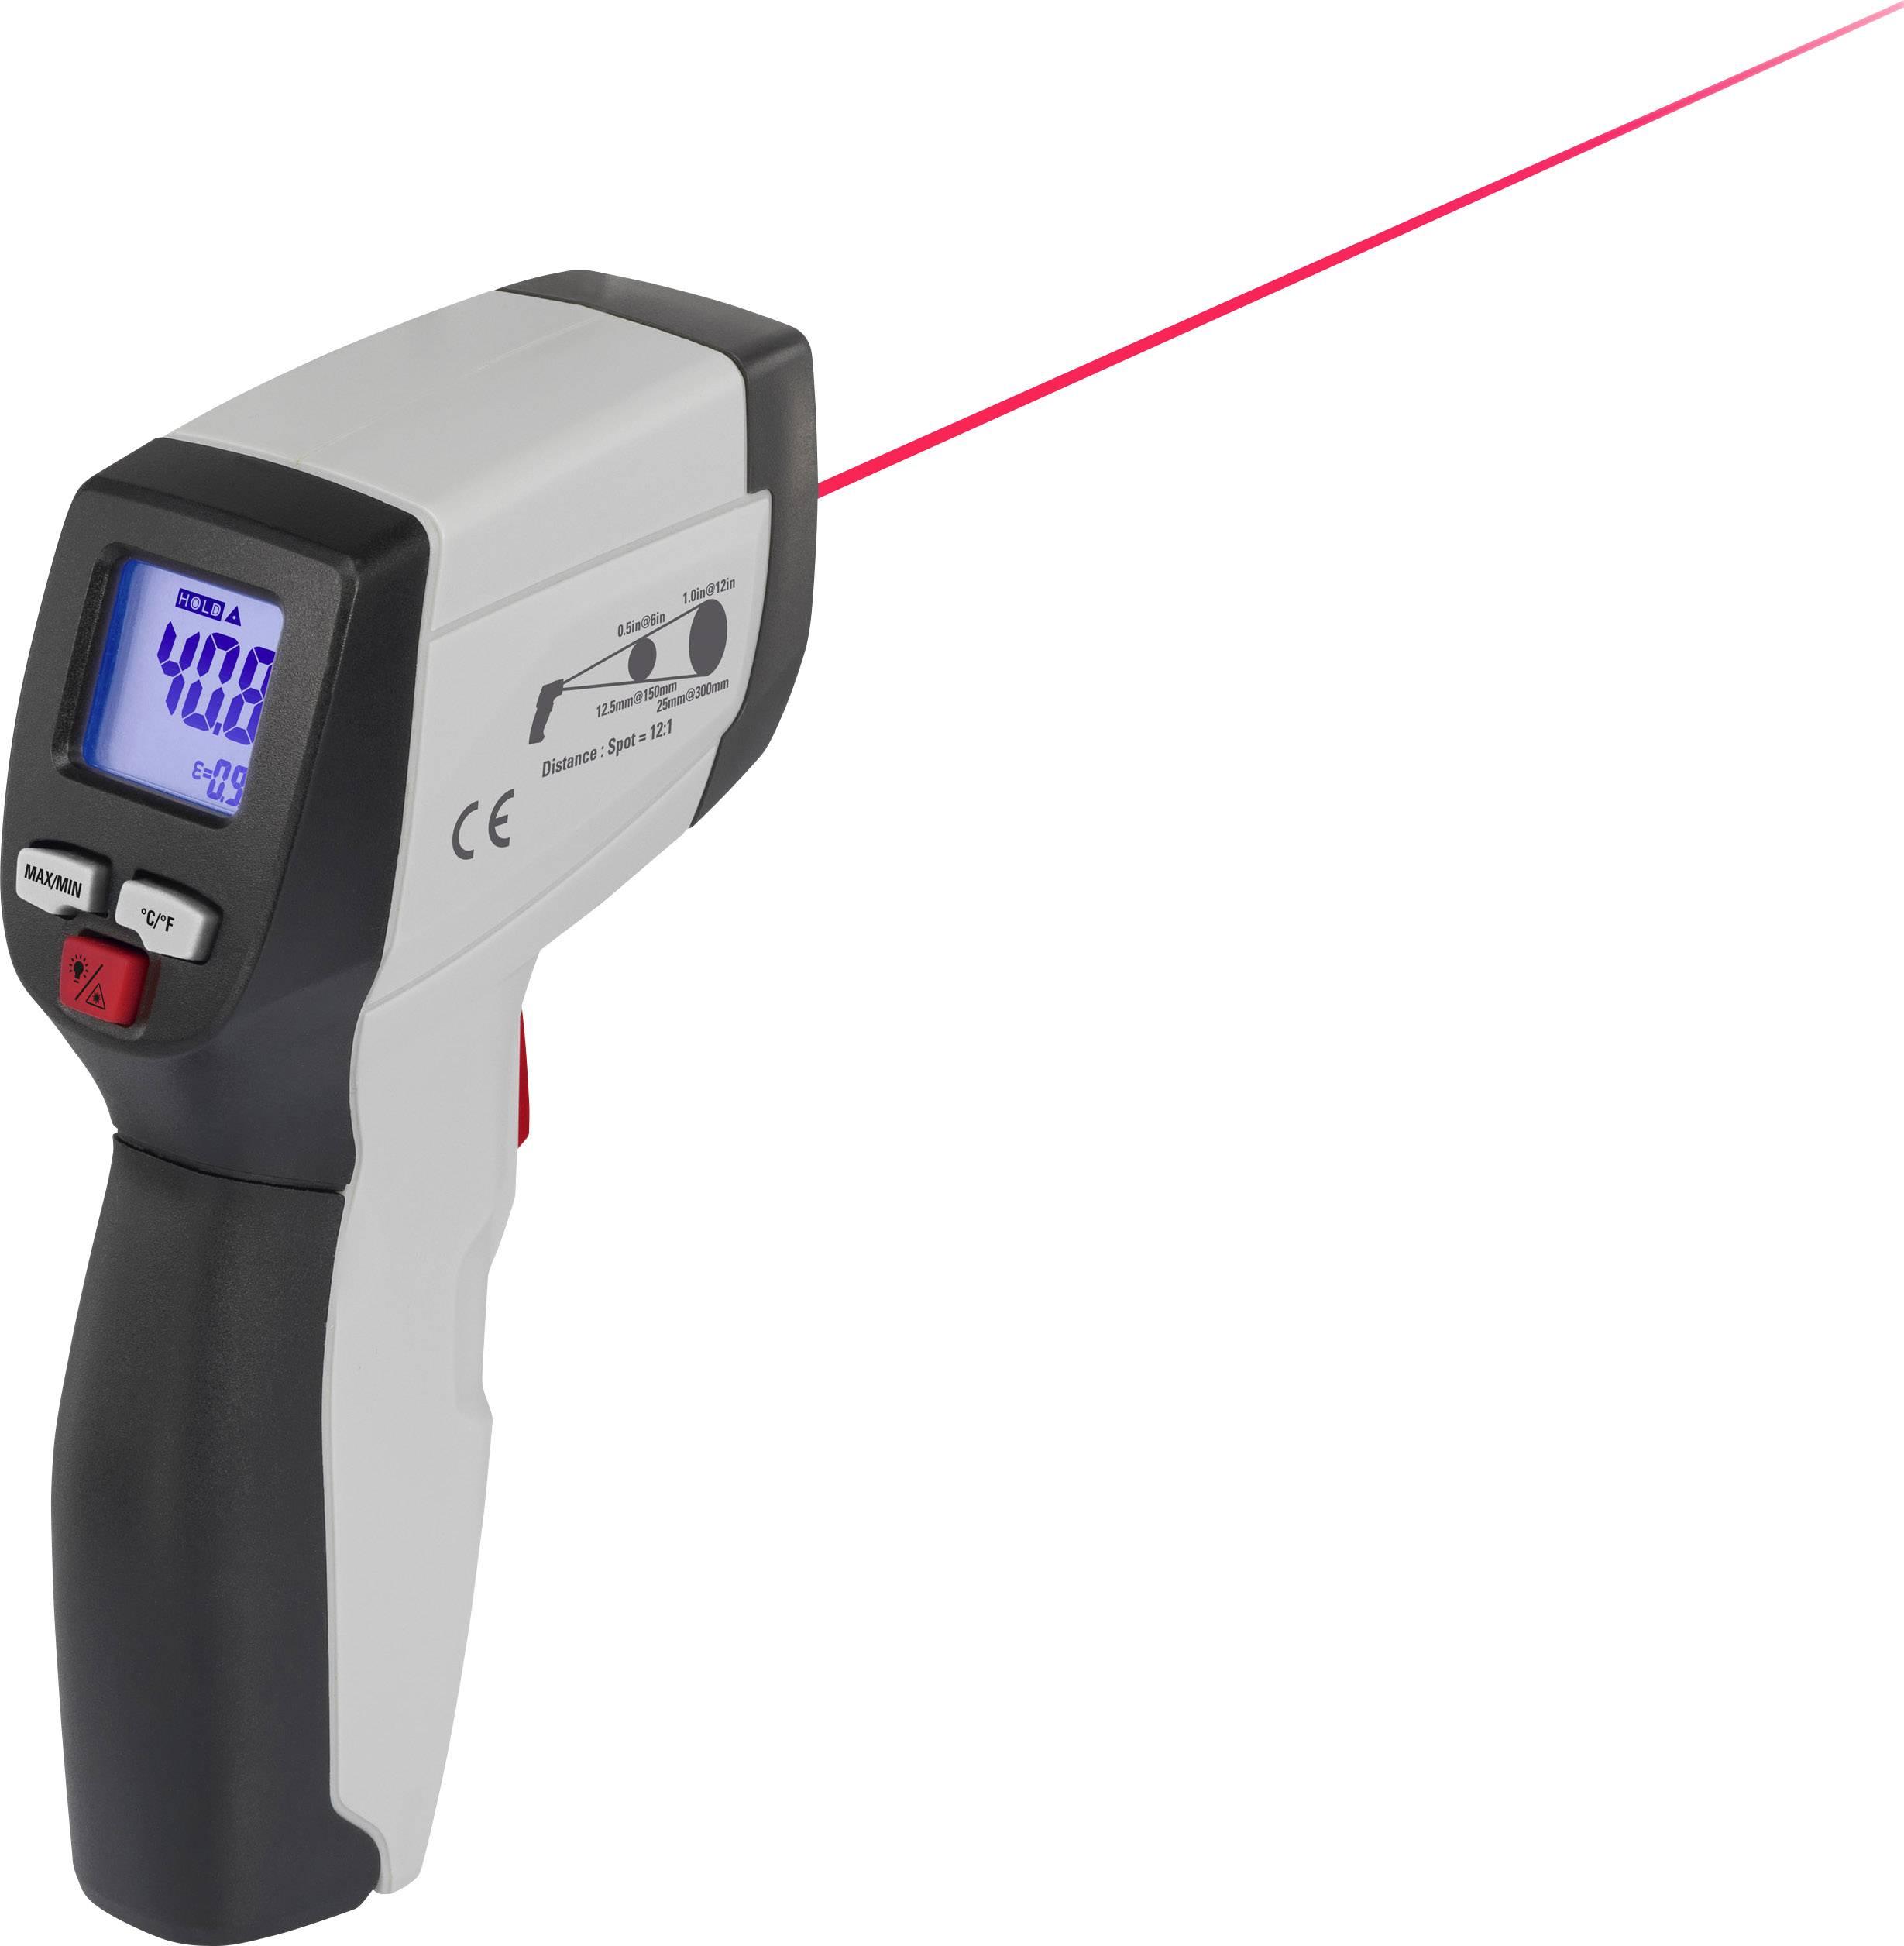 Infračervený teploměr VOLTCRAFT IR 500-12S, Optika 12:1, -50 až 500 °C, pyrometr